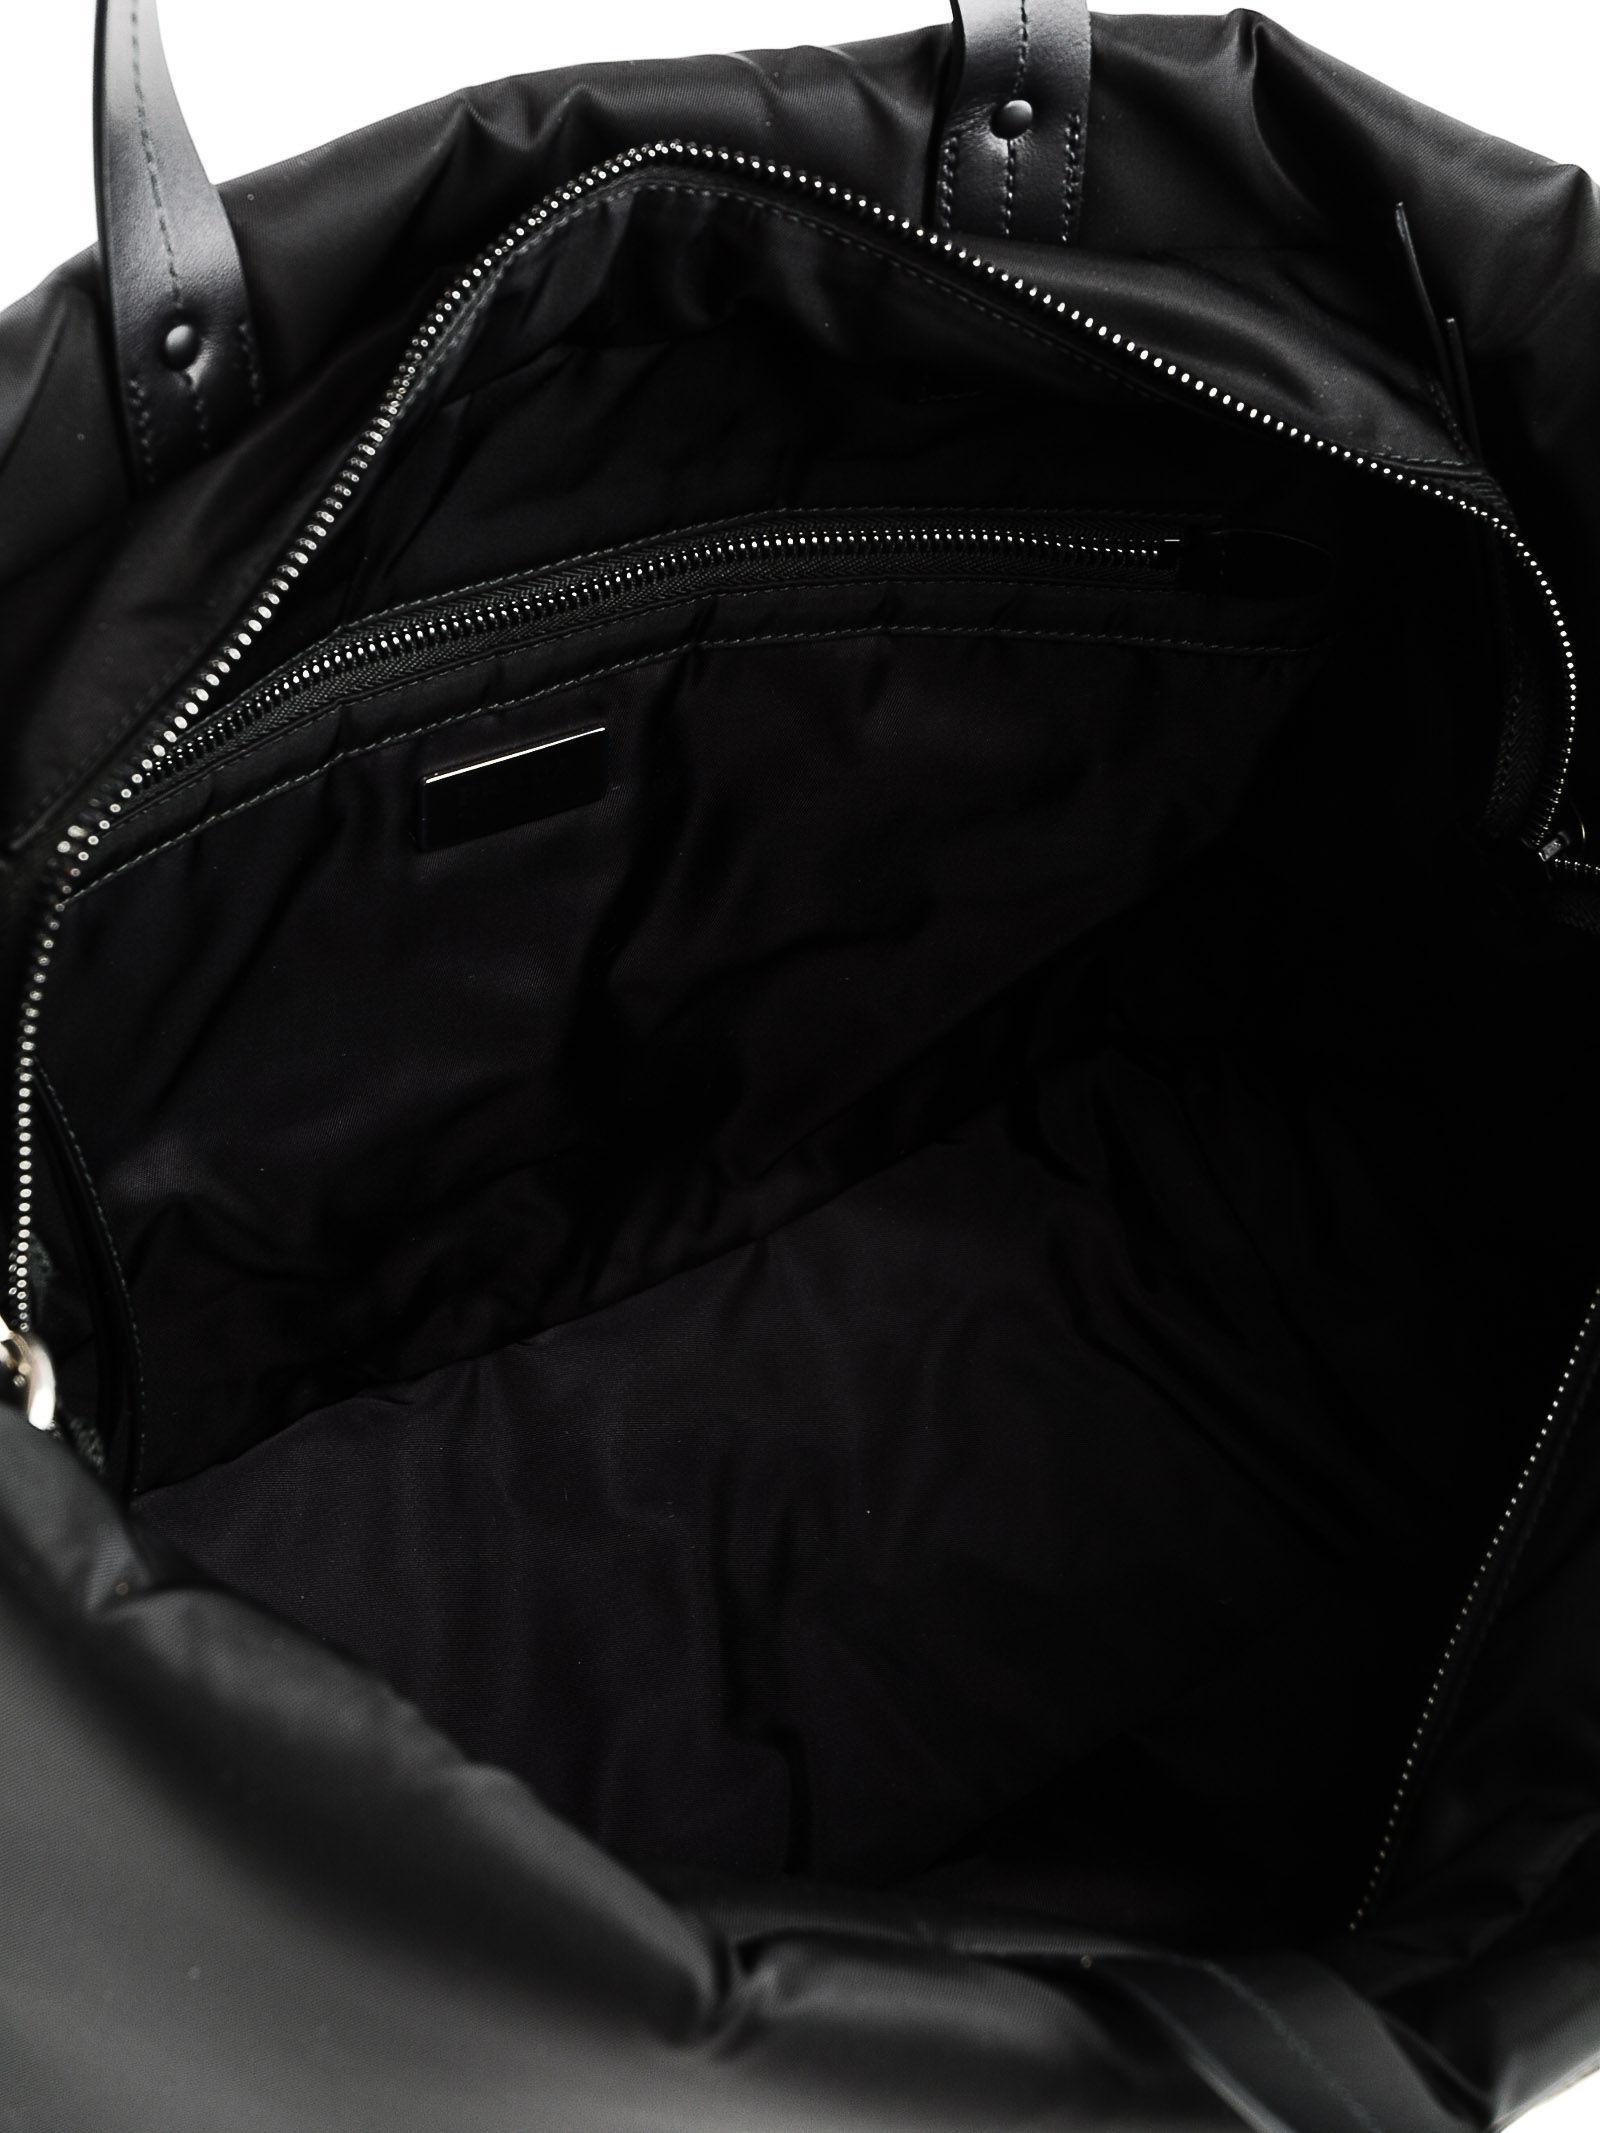 d3e8e20ebcbe ... release date prada black tote tessuto soft lyst. view fullscreen d627a  ecd5d